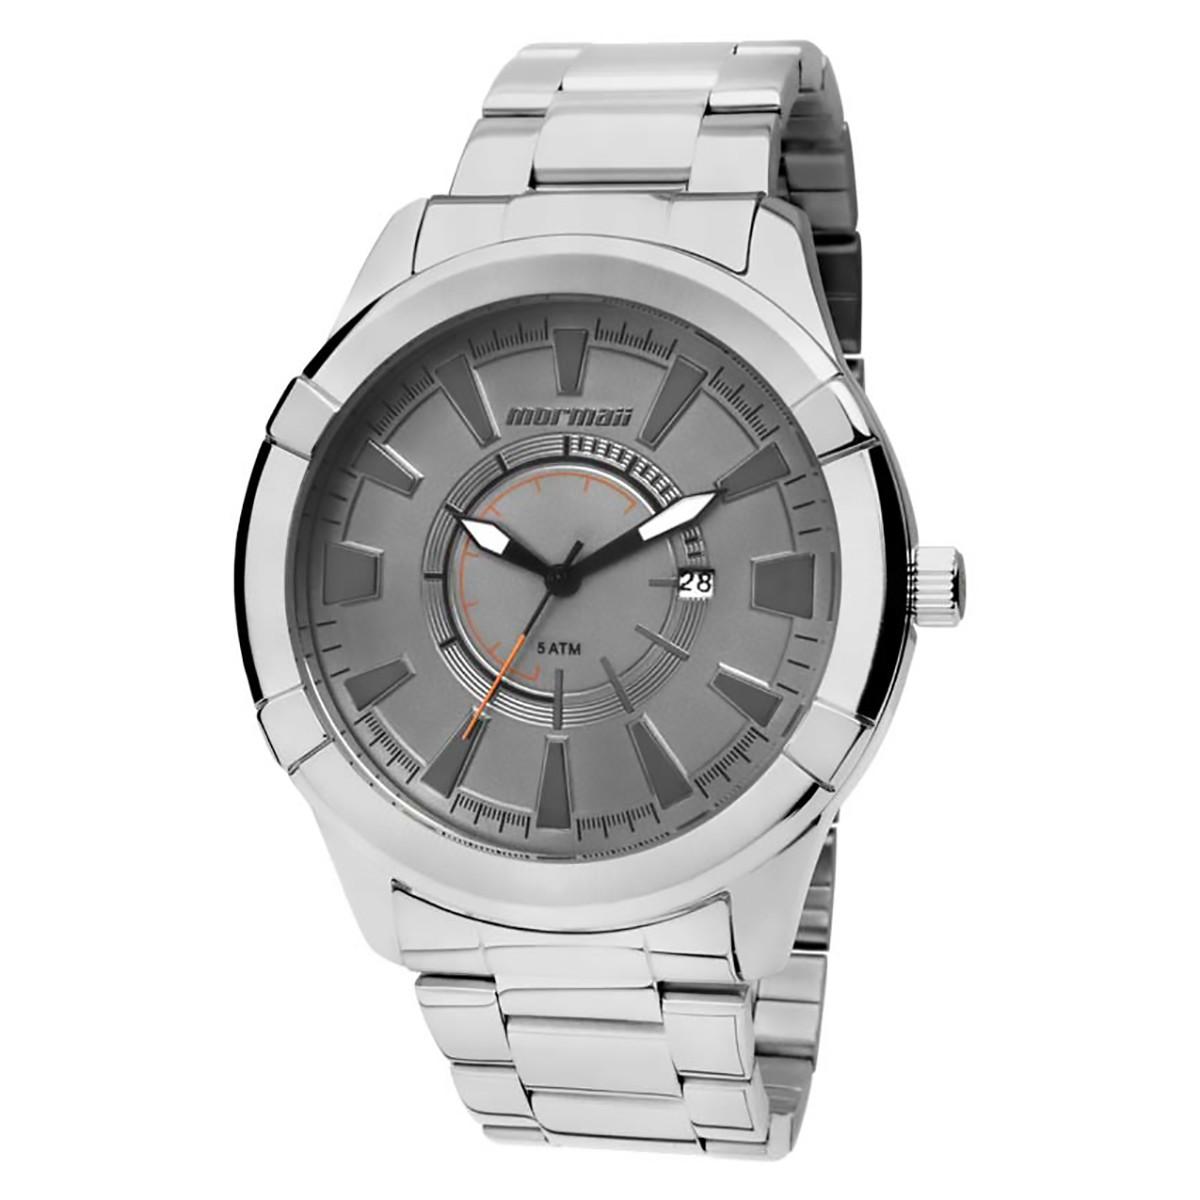 3c6419a2b75 Compre Relógio Mormaii em 10X